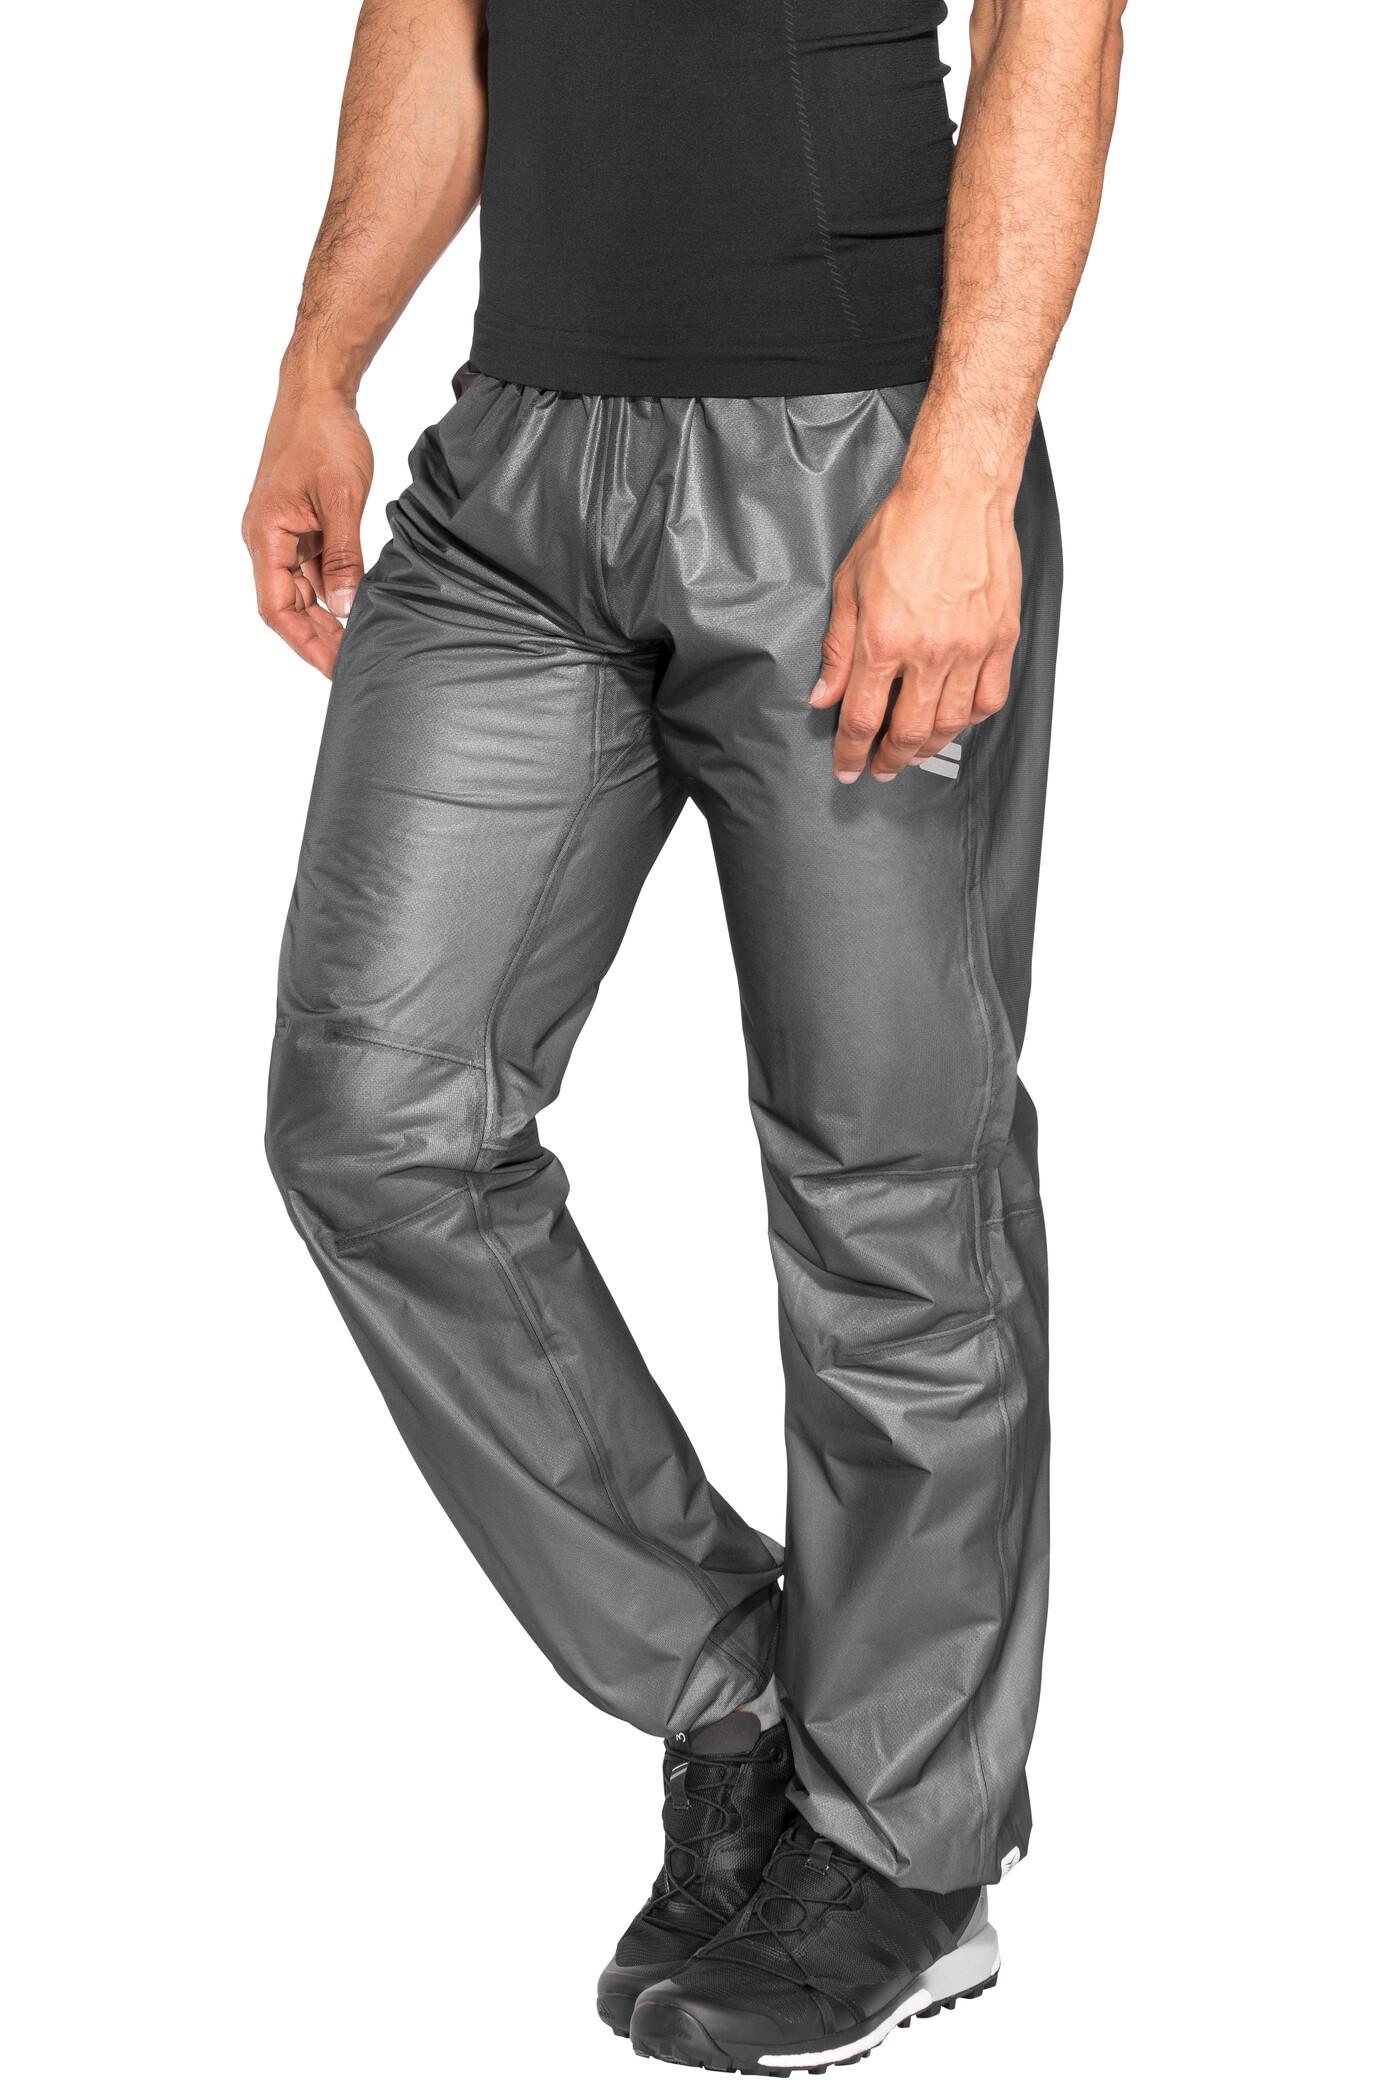 inov-8 Ultra Bukser, black (2019)   Trousers